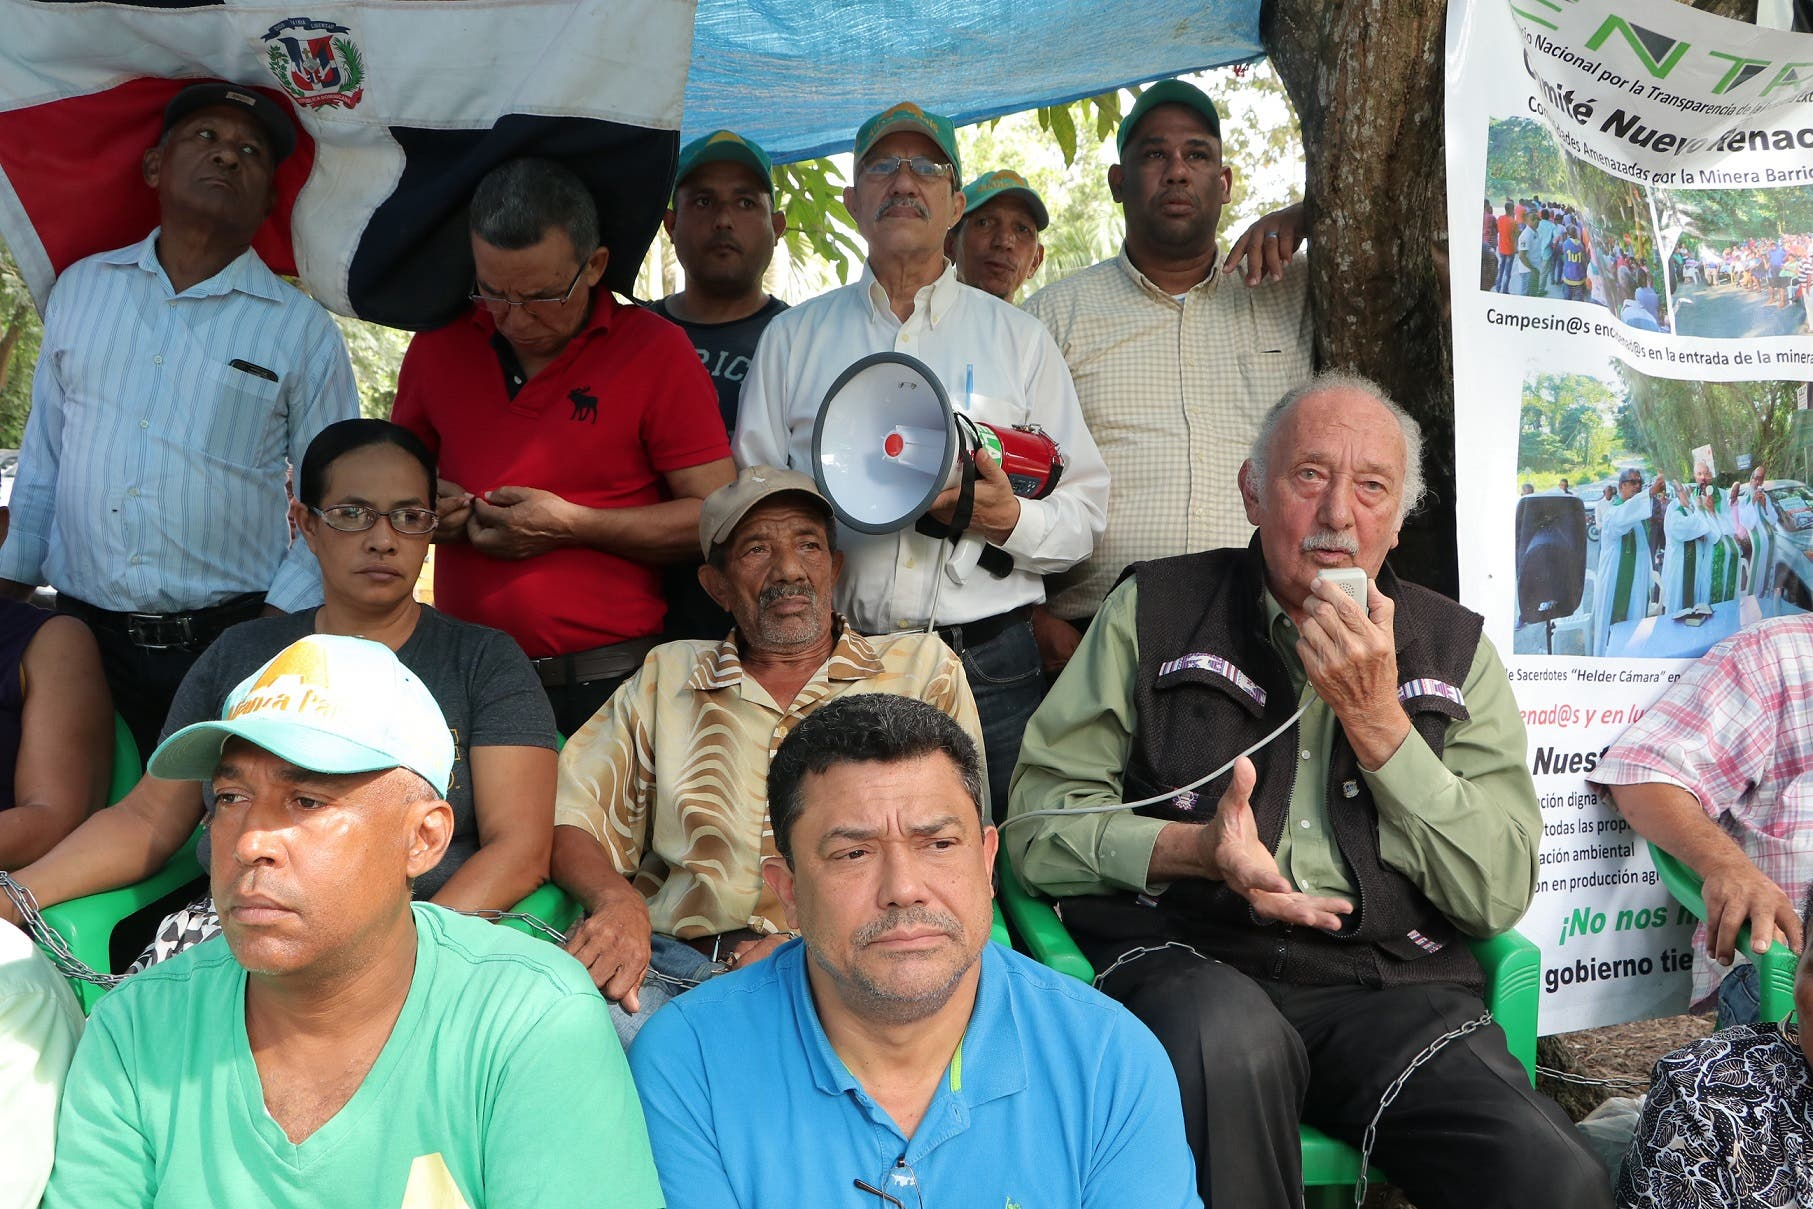 Alianza País exige reubicación de familias residentes bajo la presa de cola